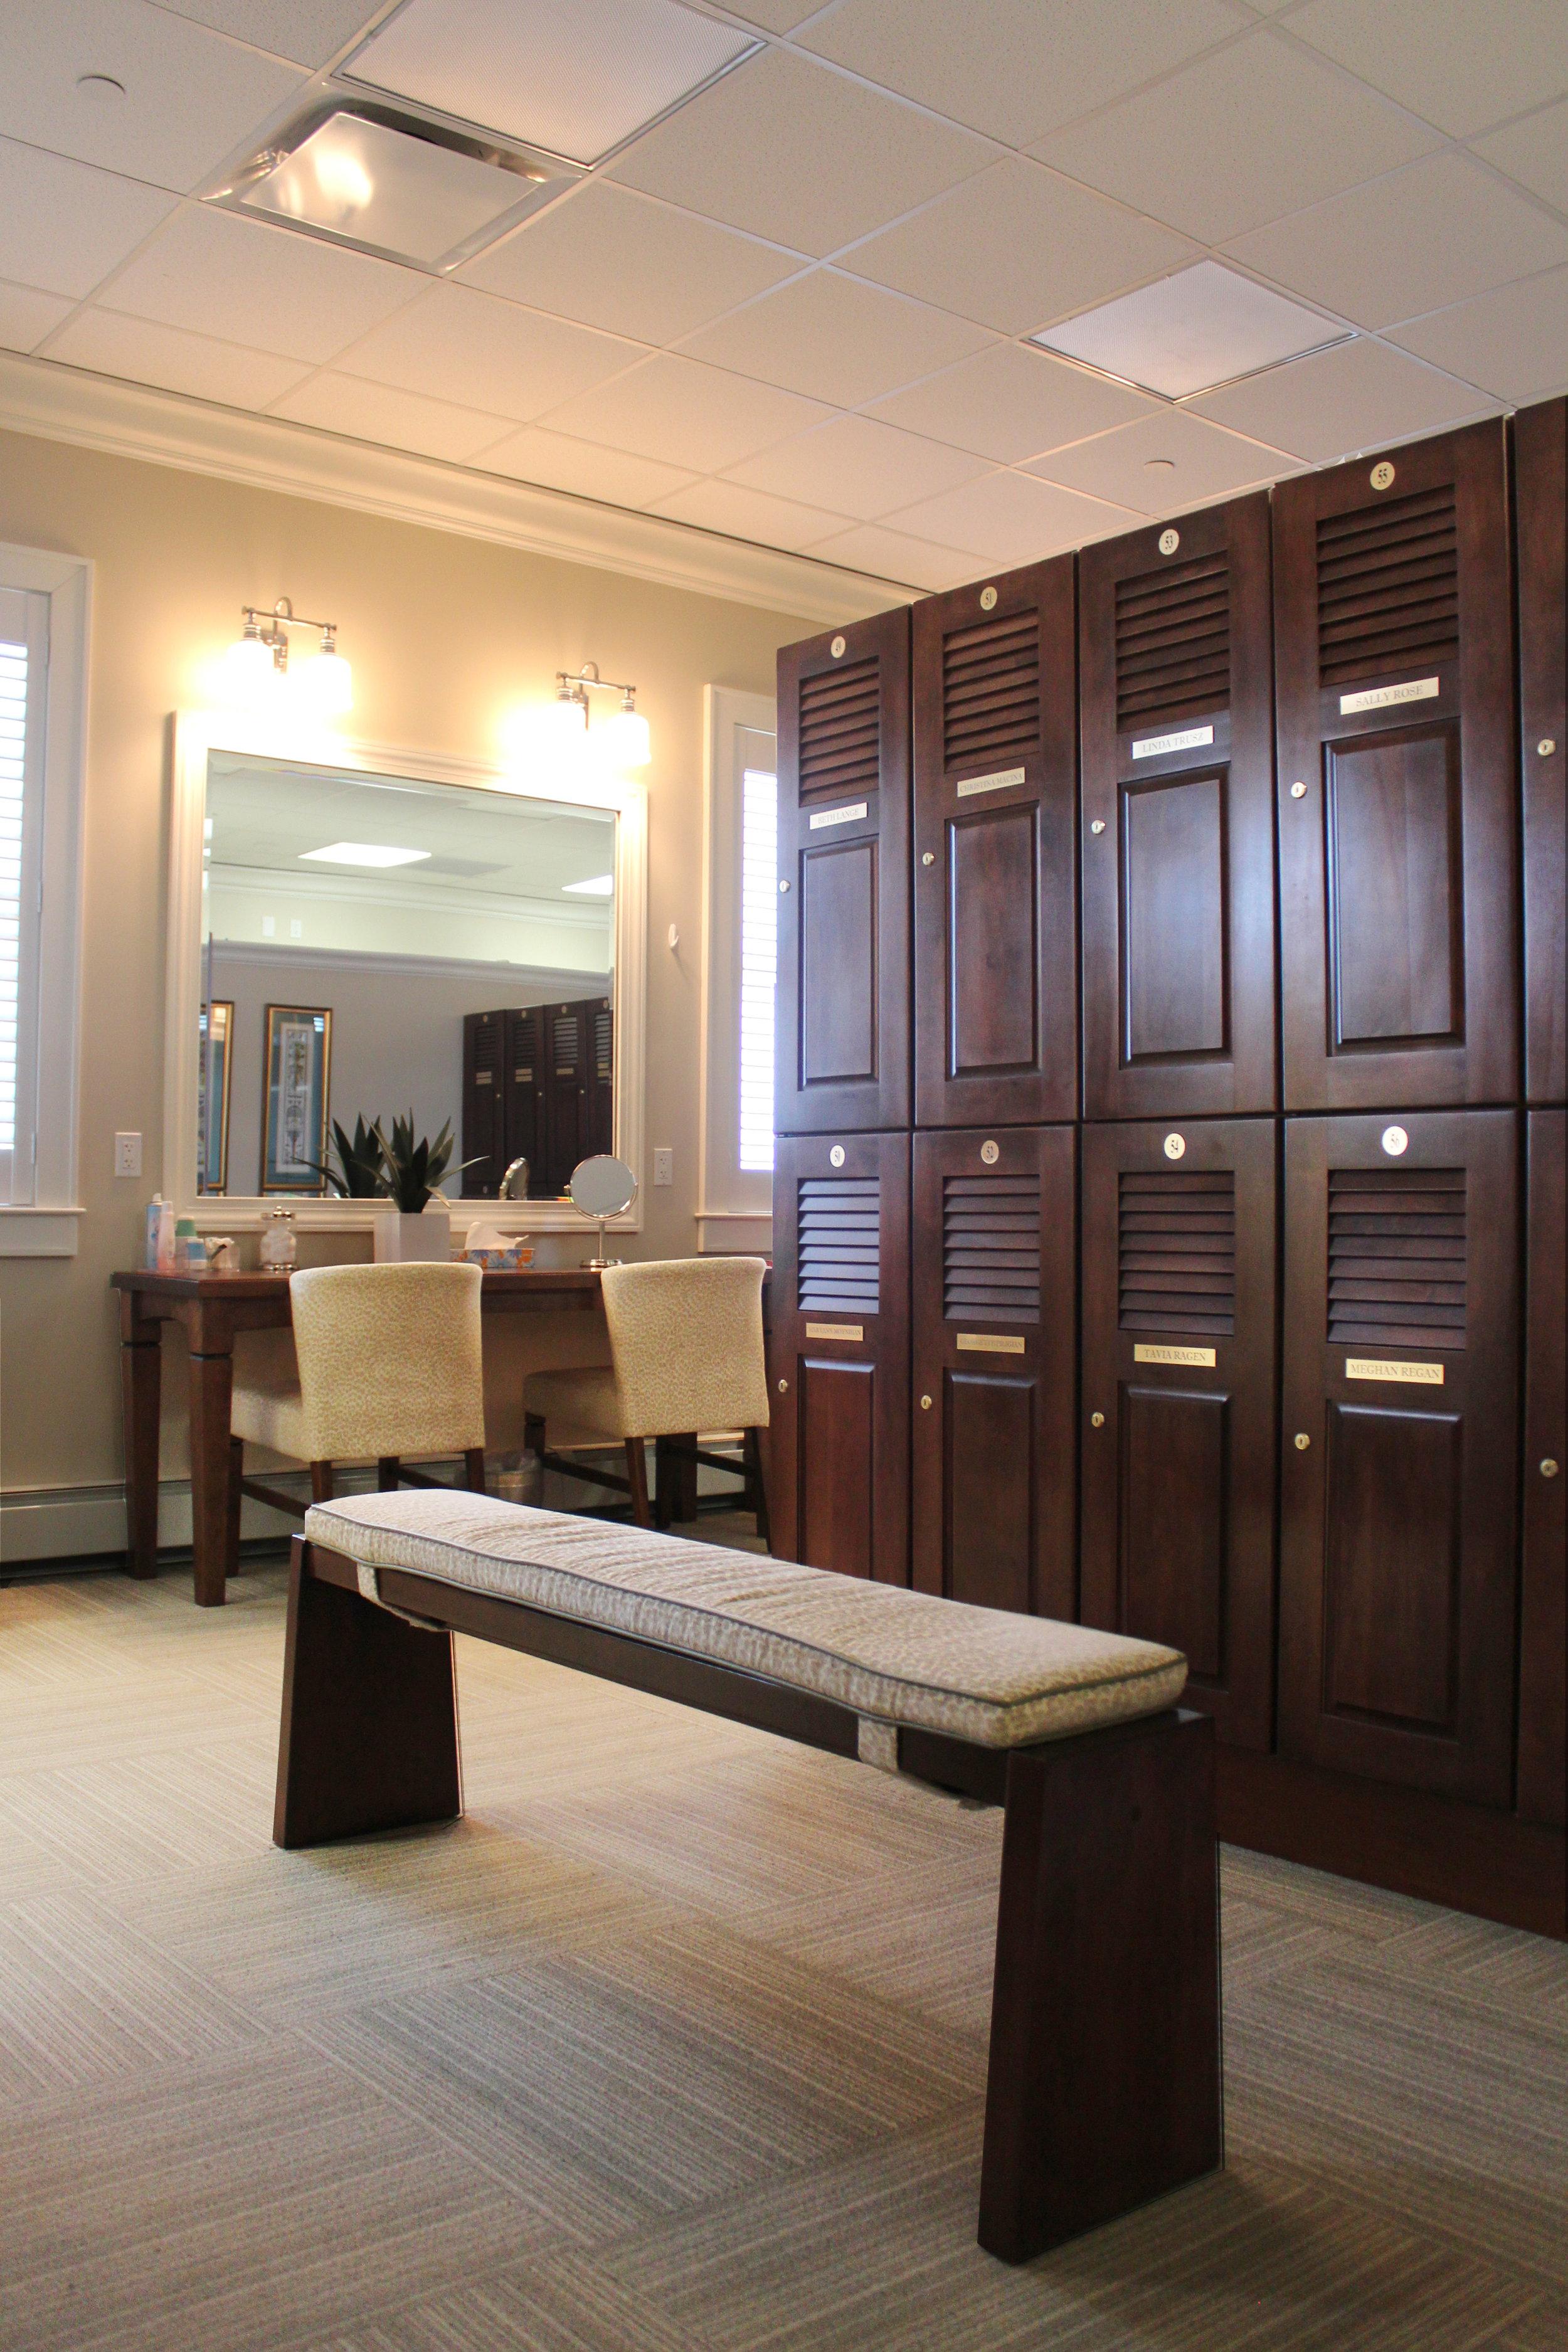 07 Interior - Locker Room.jpg